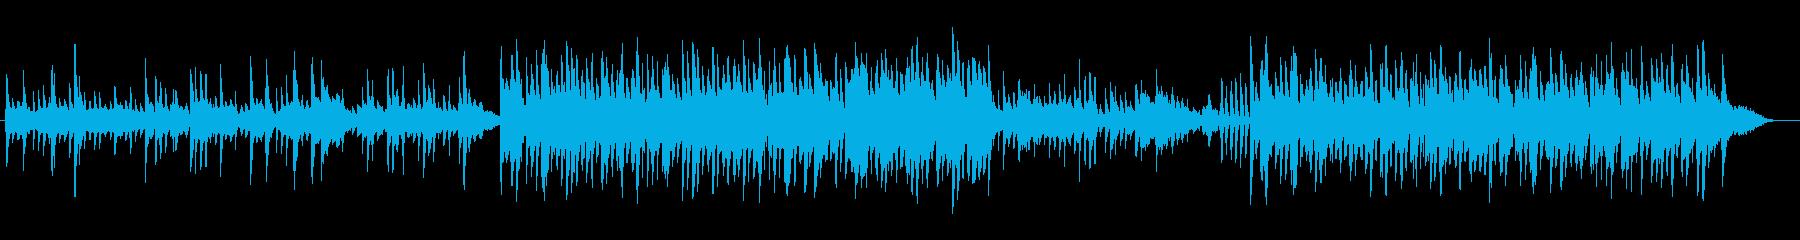 メルヘンチックなピアノバラードの再生済みの波形